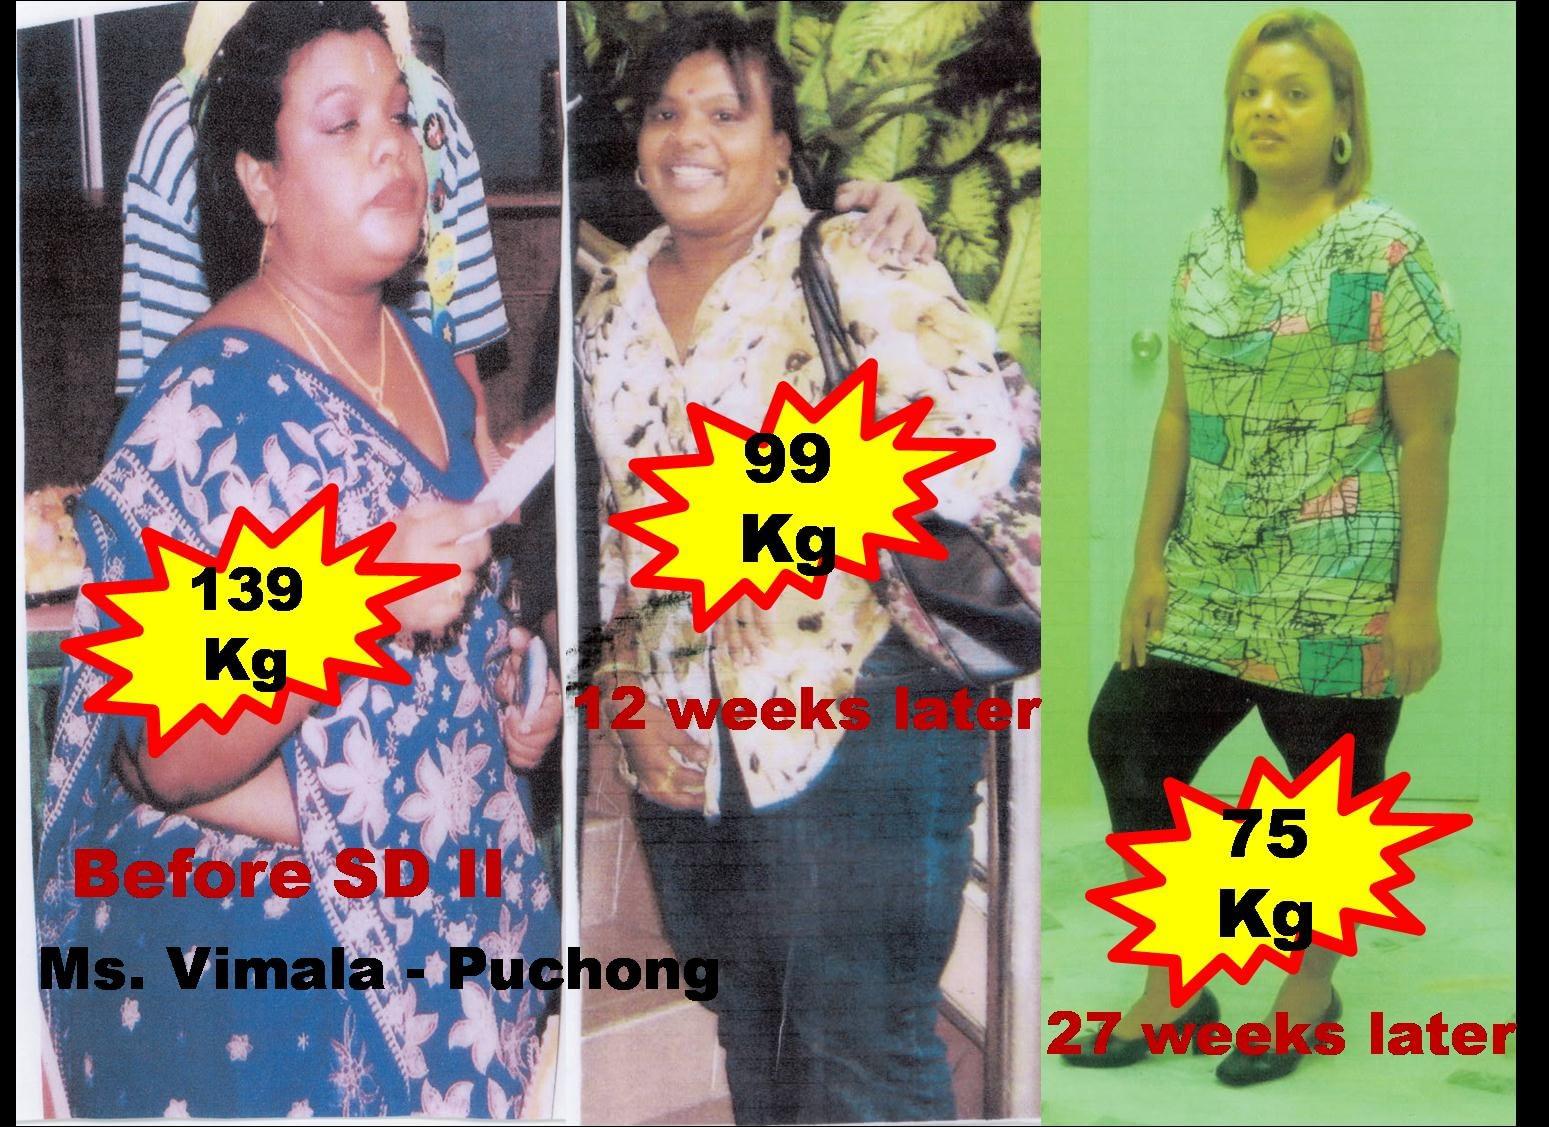 TESTIMONI TERBARU: berat asal 139kg dapat turunkan berat badan dalam masa 10 minggu menjadi 75kg